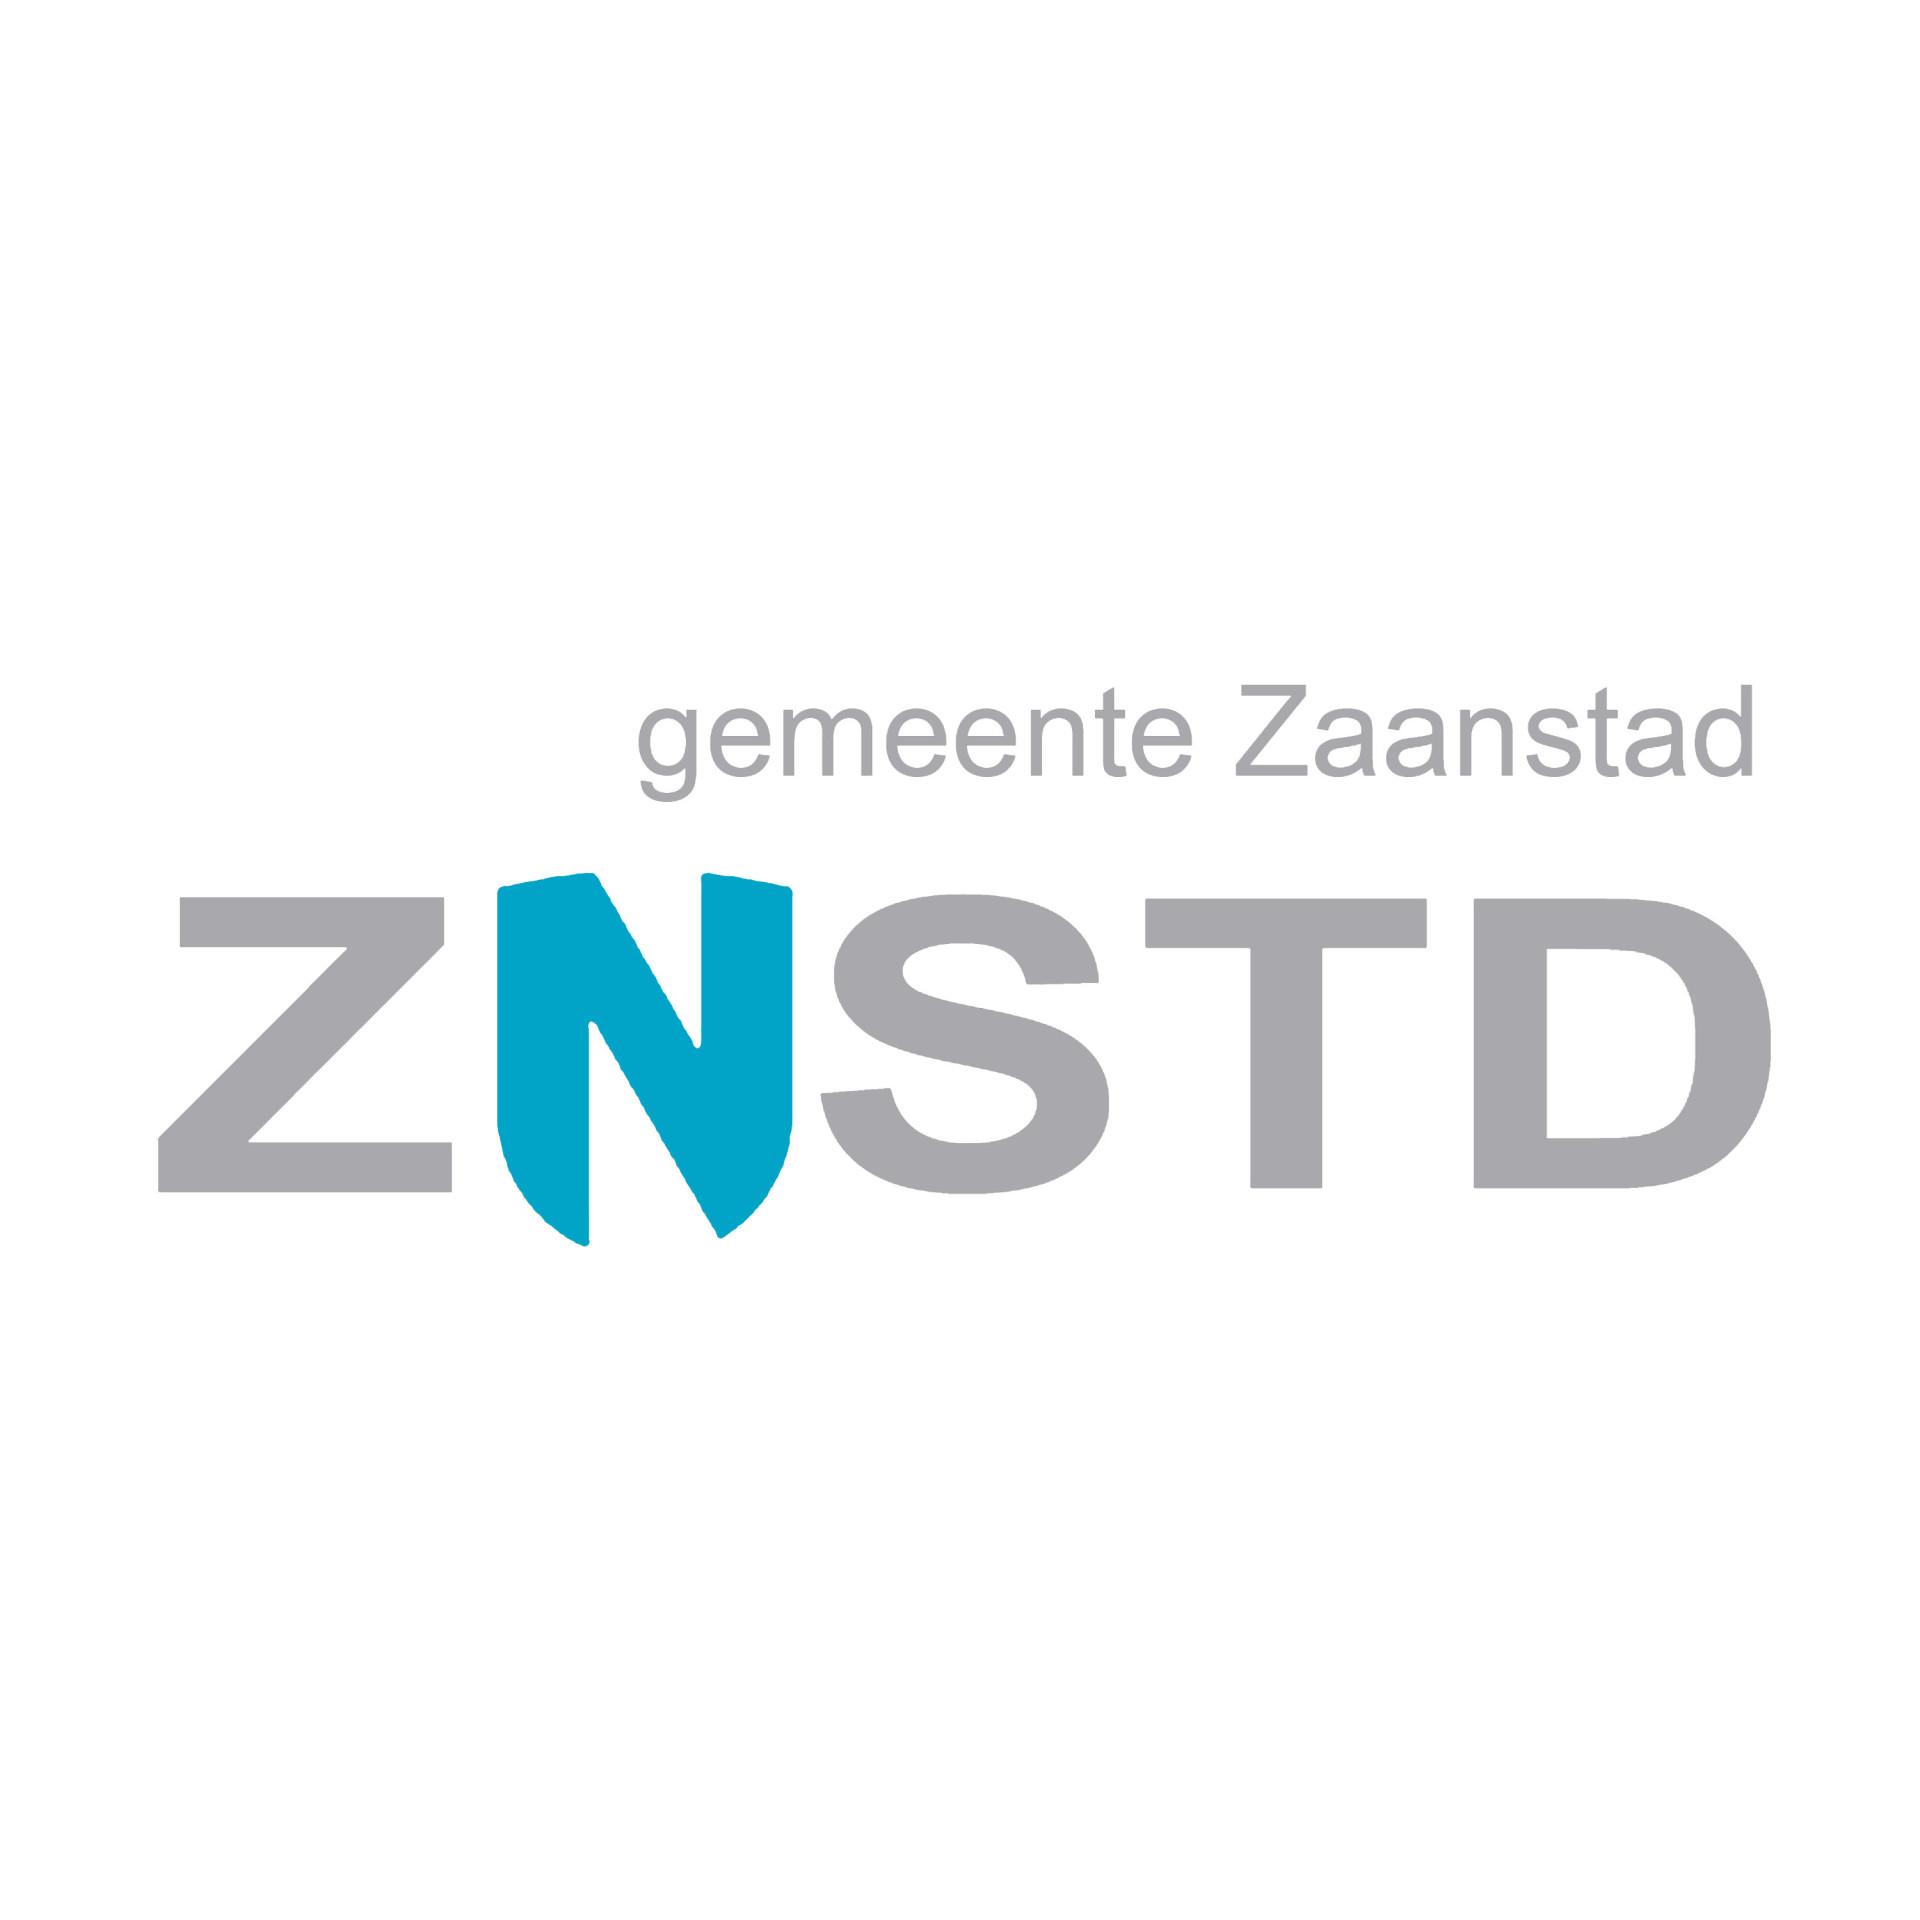 Criminoloog Jeroen van den Broek heeft namens Partner in Crime Gemeente Zaanstad ondersteund in de aanpak van de geëscaleerde problematiek binnen de wijk Poelenburg, op het specifieke domein van social media.